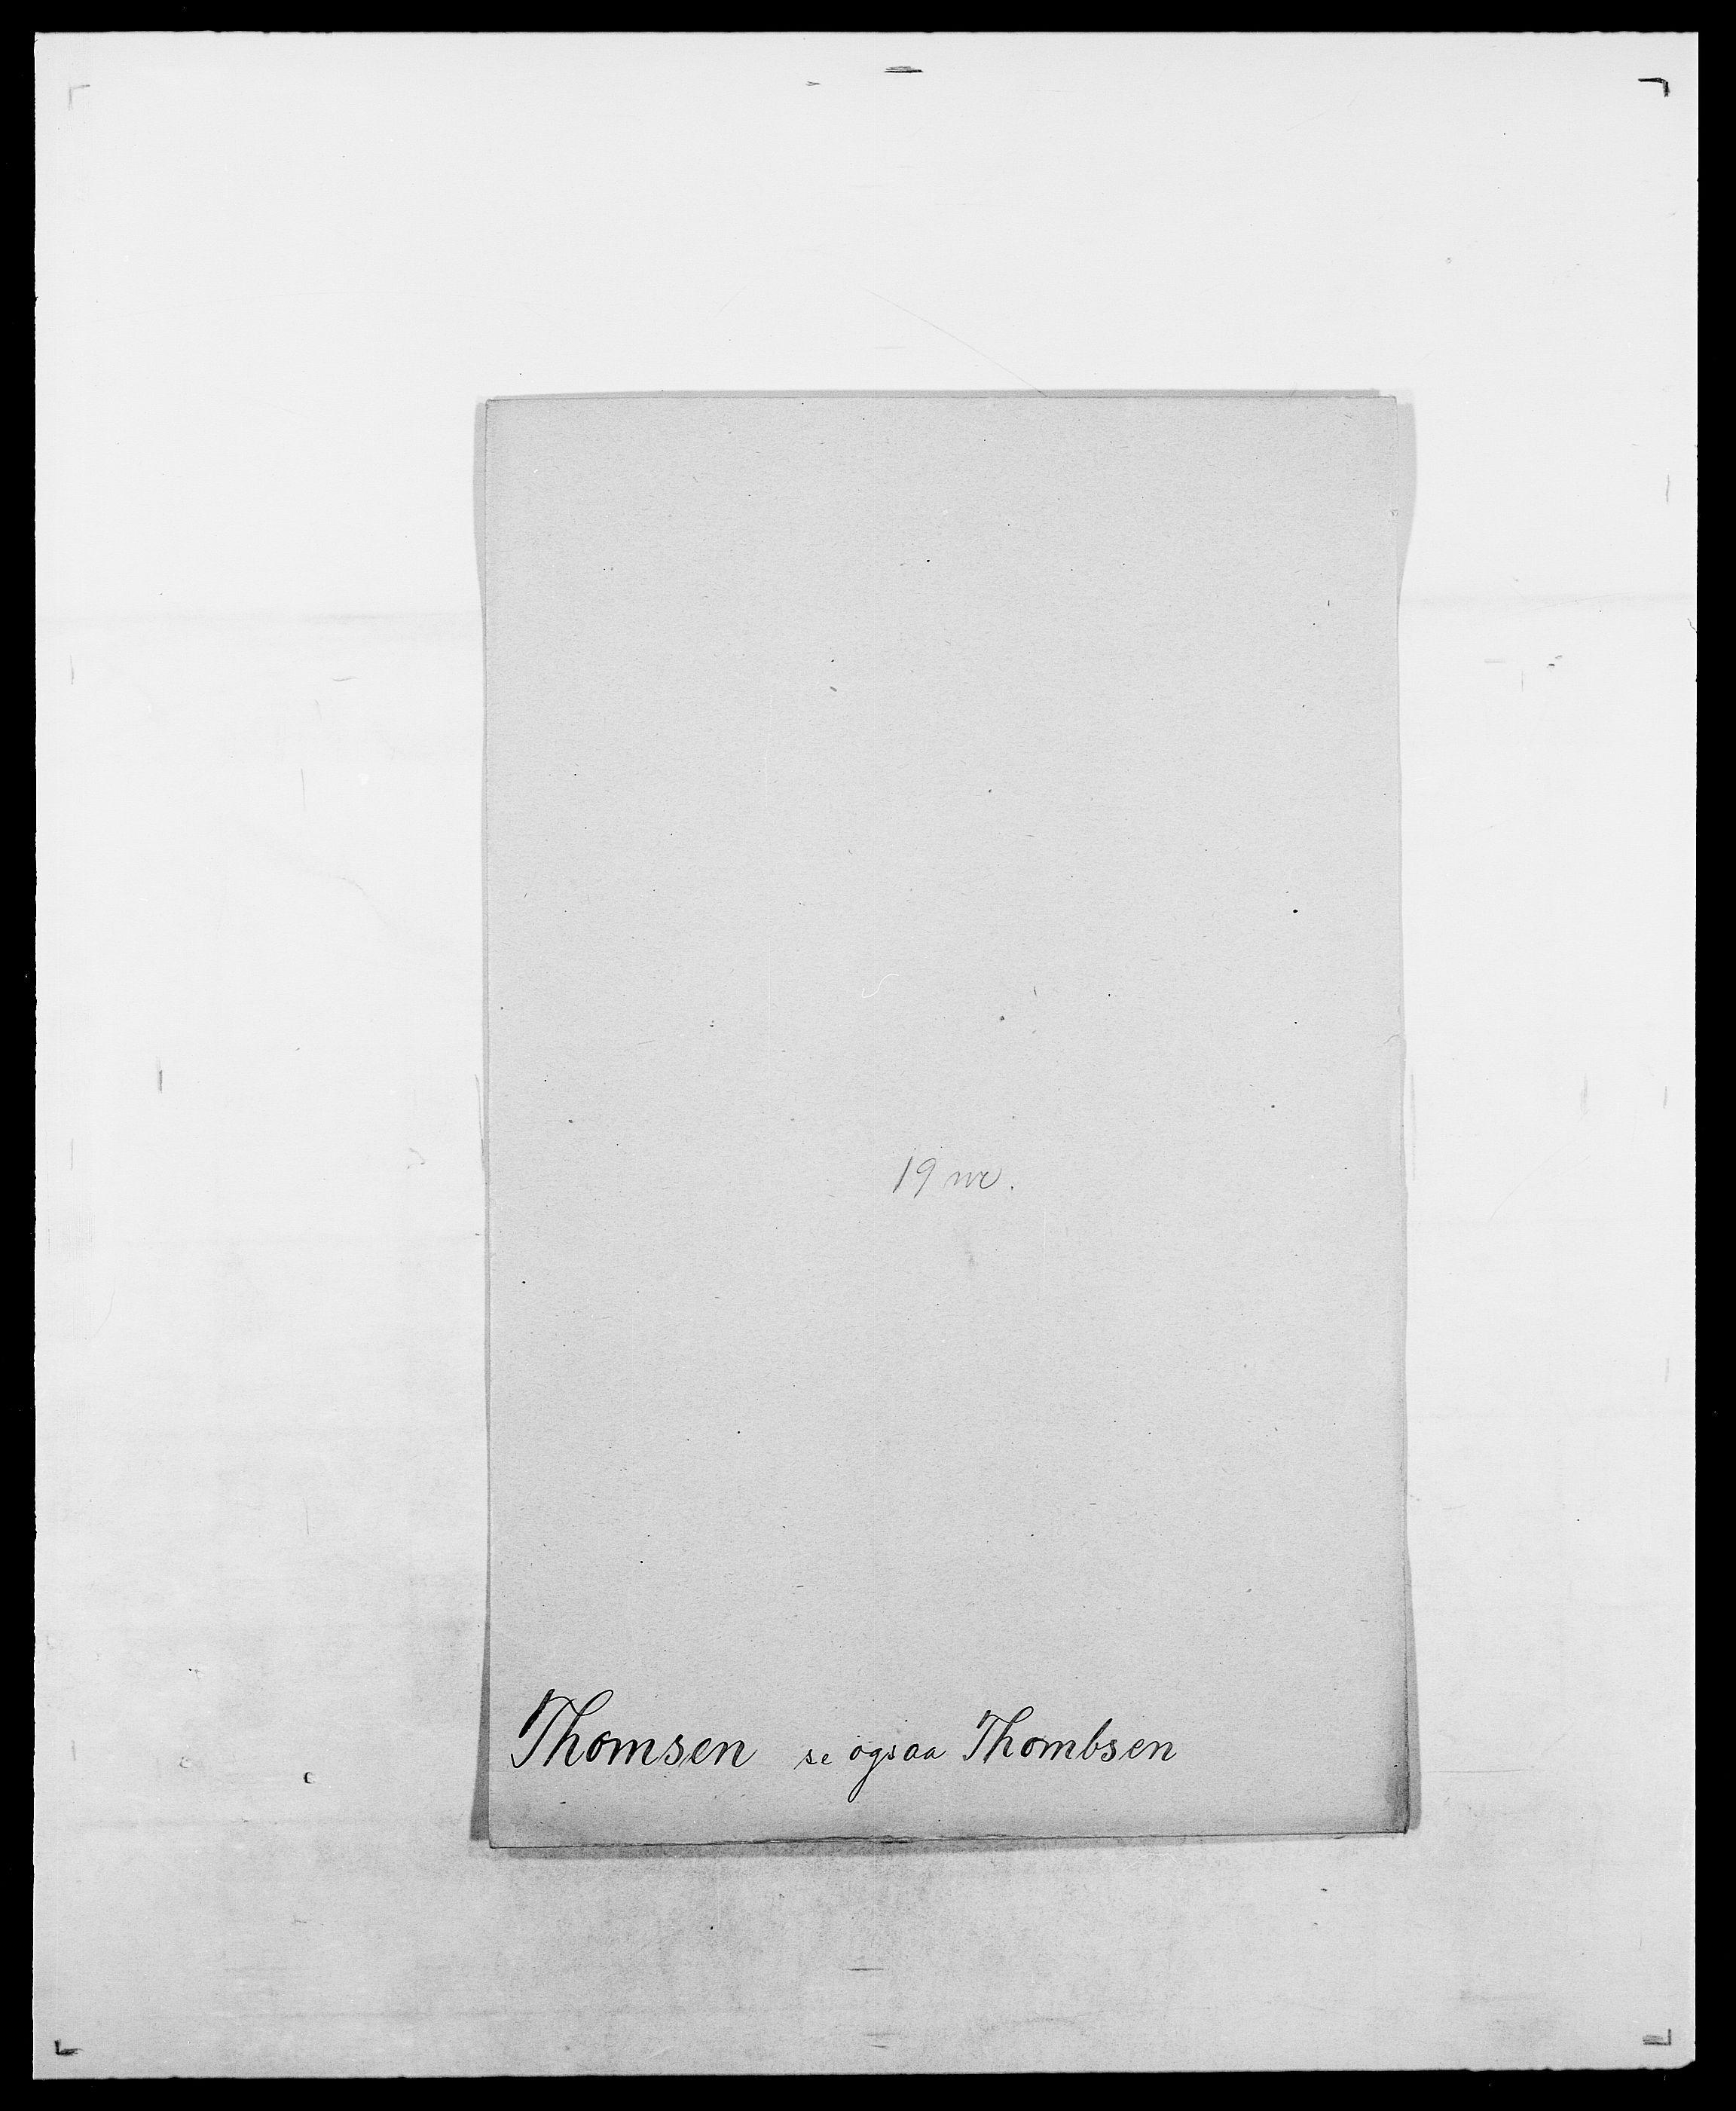 SAO, Delgobe, Charles Antoine - samling, D/Da/L0038: Svanenskjold - Thornsohn, s. 806